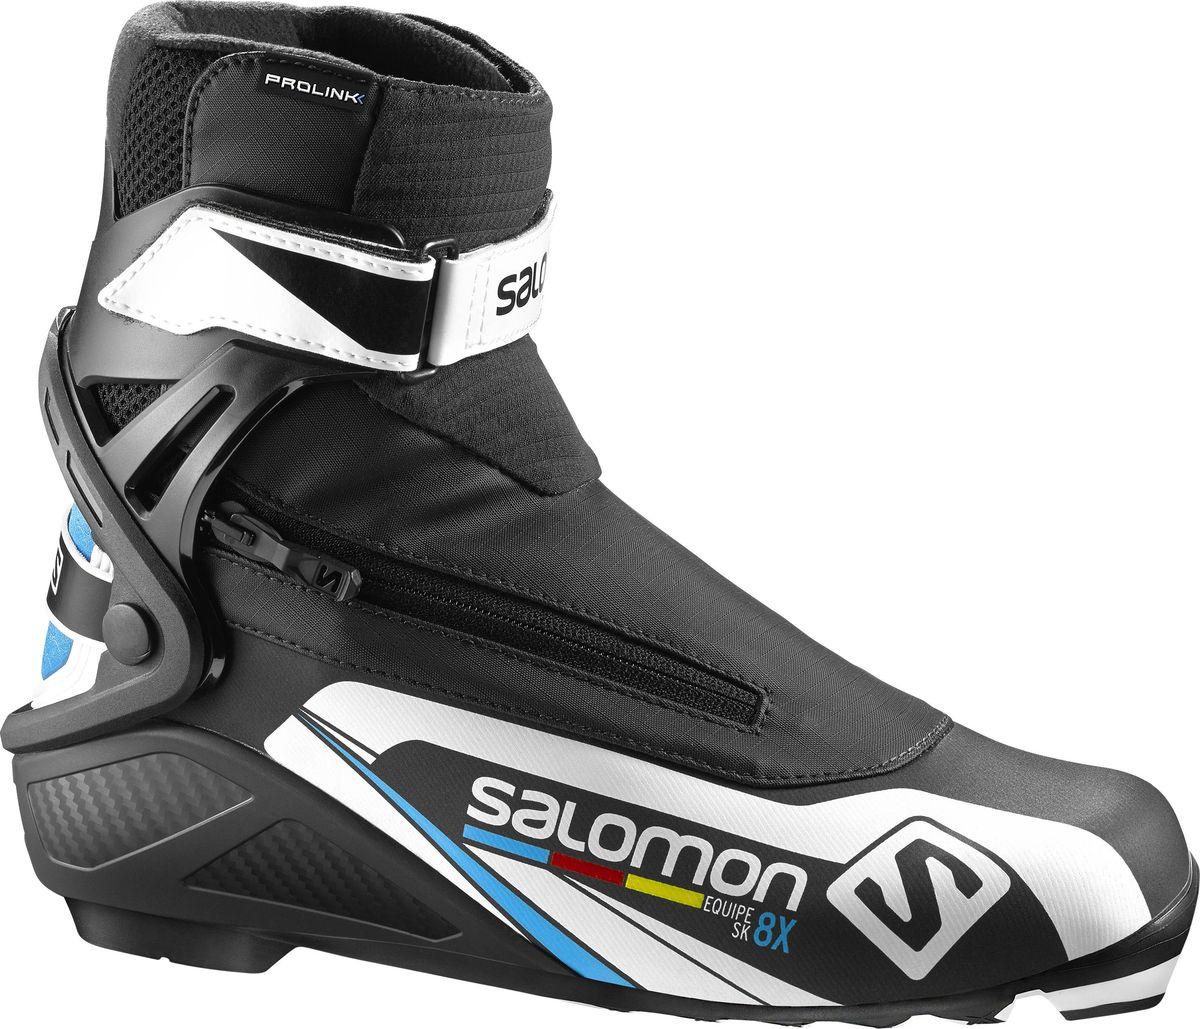 Ботинки для беговых лыж Salomon Equipe 8X Skate Prolink, цвет: черный. Размер 8 (40,5)L39417500В ботинках Salomon Equipe 8X Skate Prolink совмещены системы термоформовки Custom fit с инновационной раздельной системой быстрого шнурования для великолепного комфорта. Манжета Energyzer cuff обеспечит мощную и прогрессивную боковую поддержку. Ботинки созданы для любителей лыжного спорта, ценящих рабочие характеристики и желающих приобрести ботинки по доступной цене.